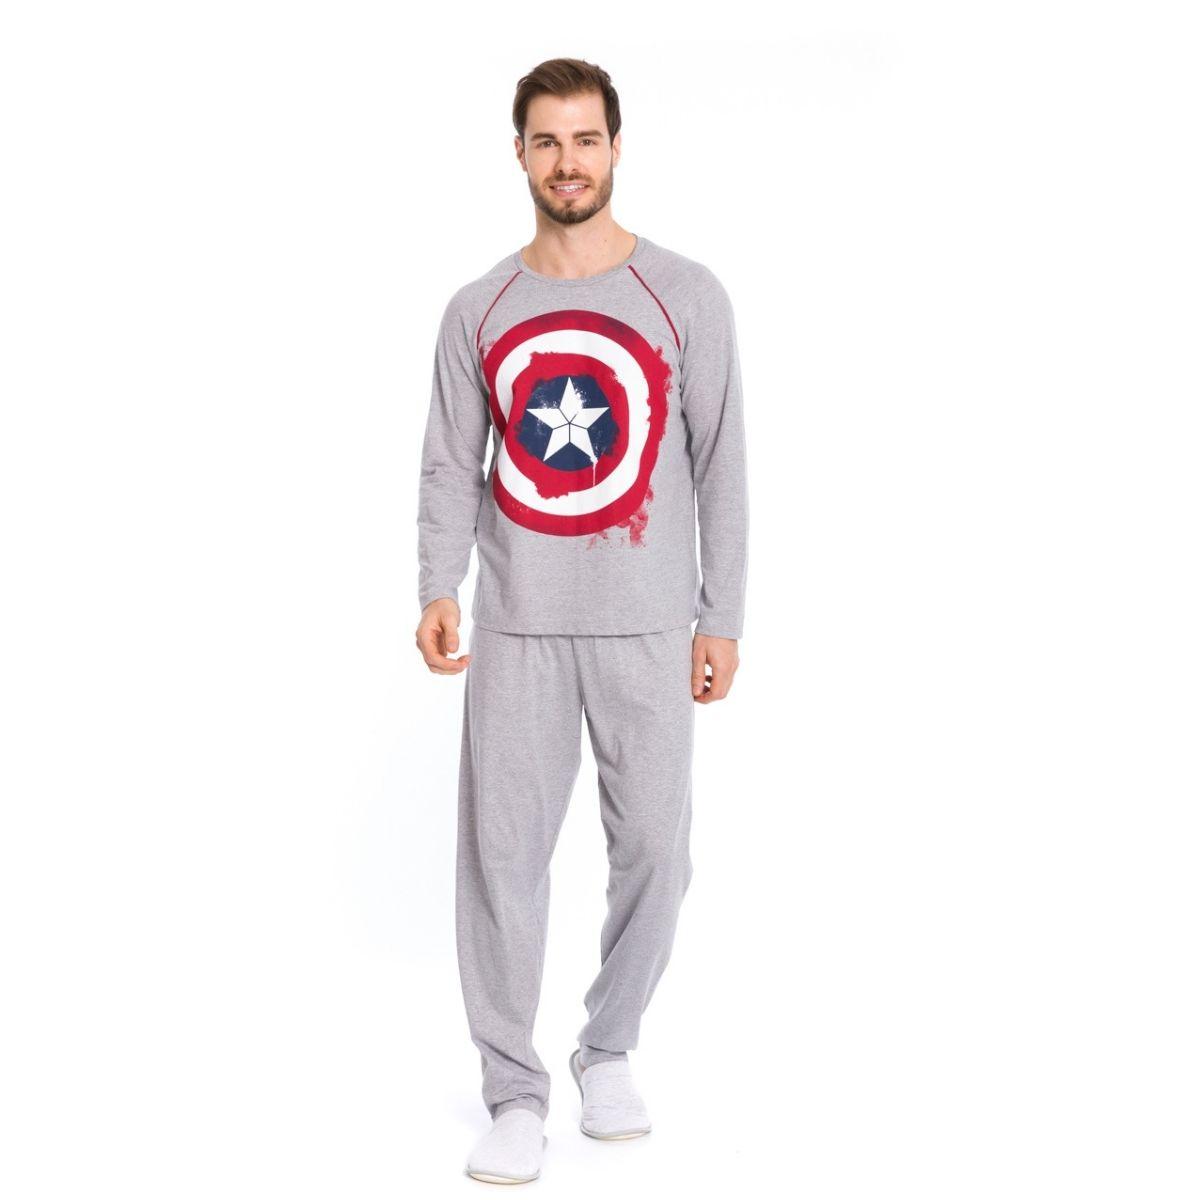 Pijama masculino capitão america algodão mescla